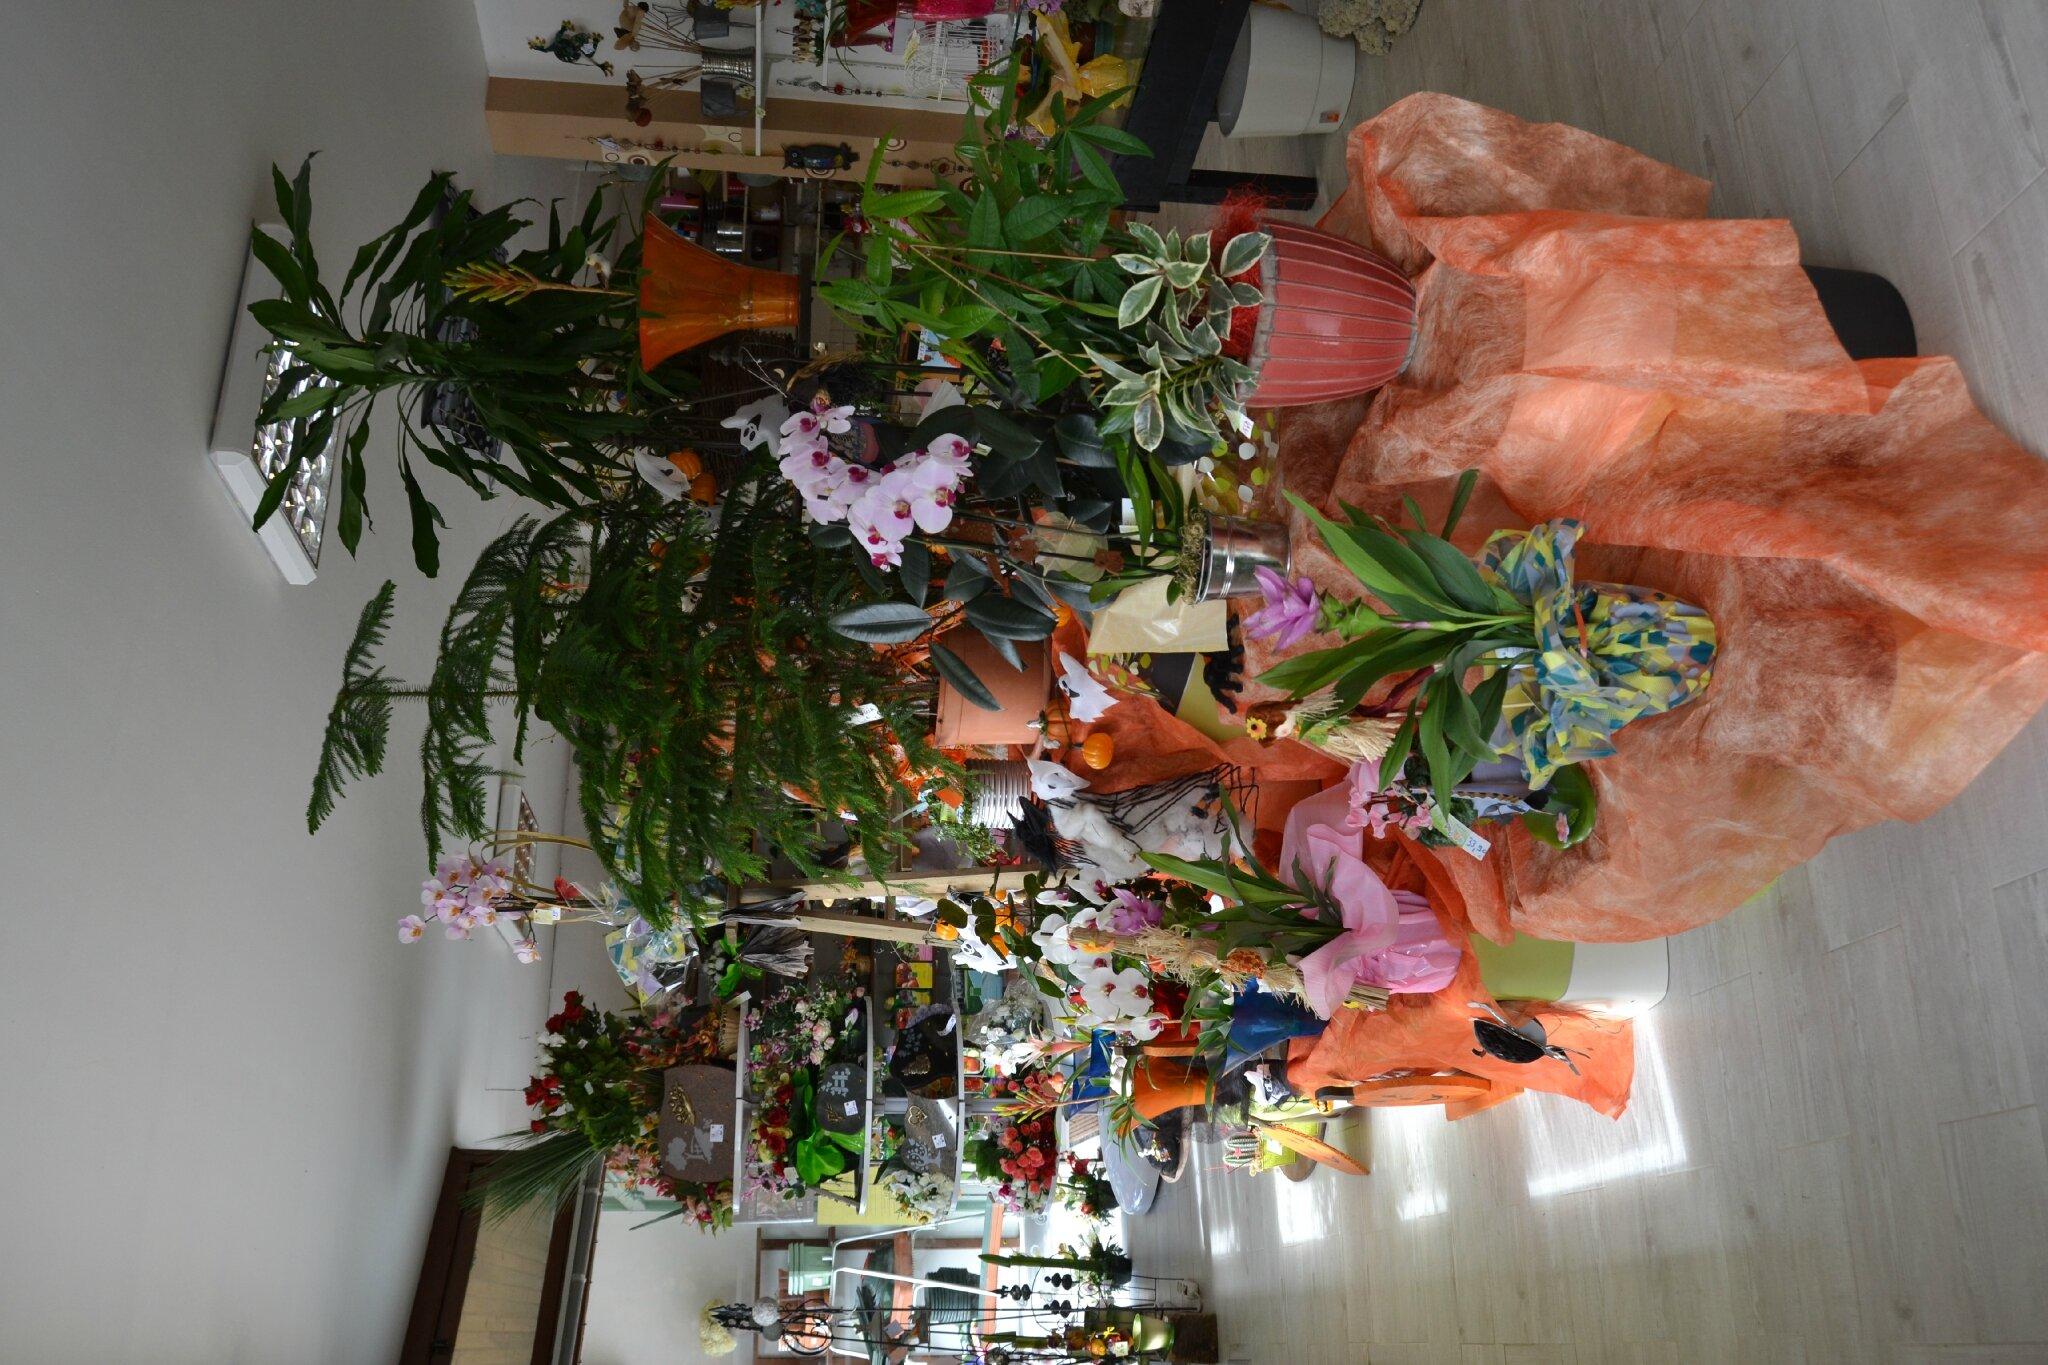 vitrines d 39 automne au fil des fleurs 51 pargny sur saulx fleurs des. Black Bedroom Furniture Sets. Home Design Ideas